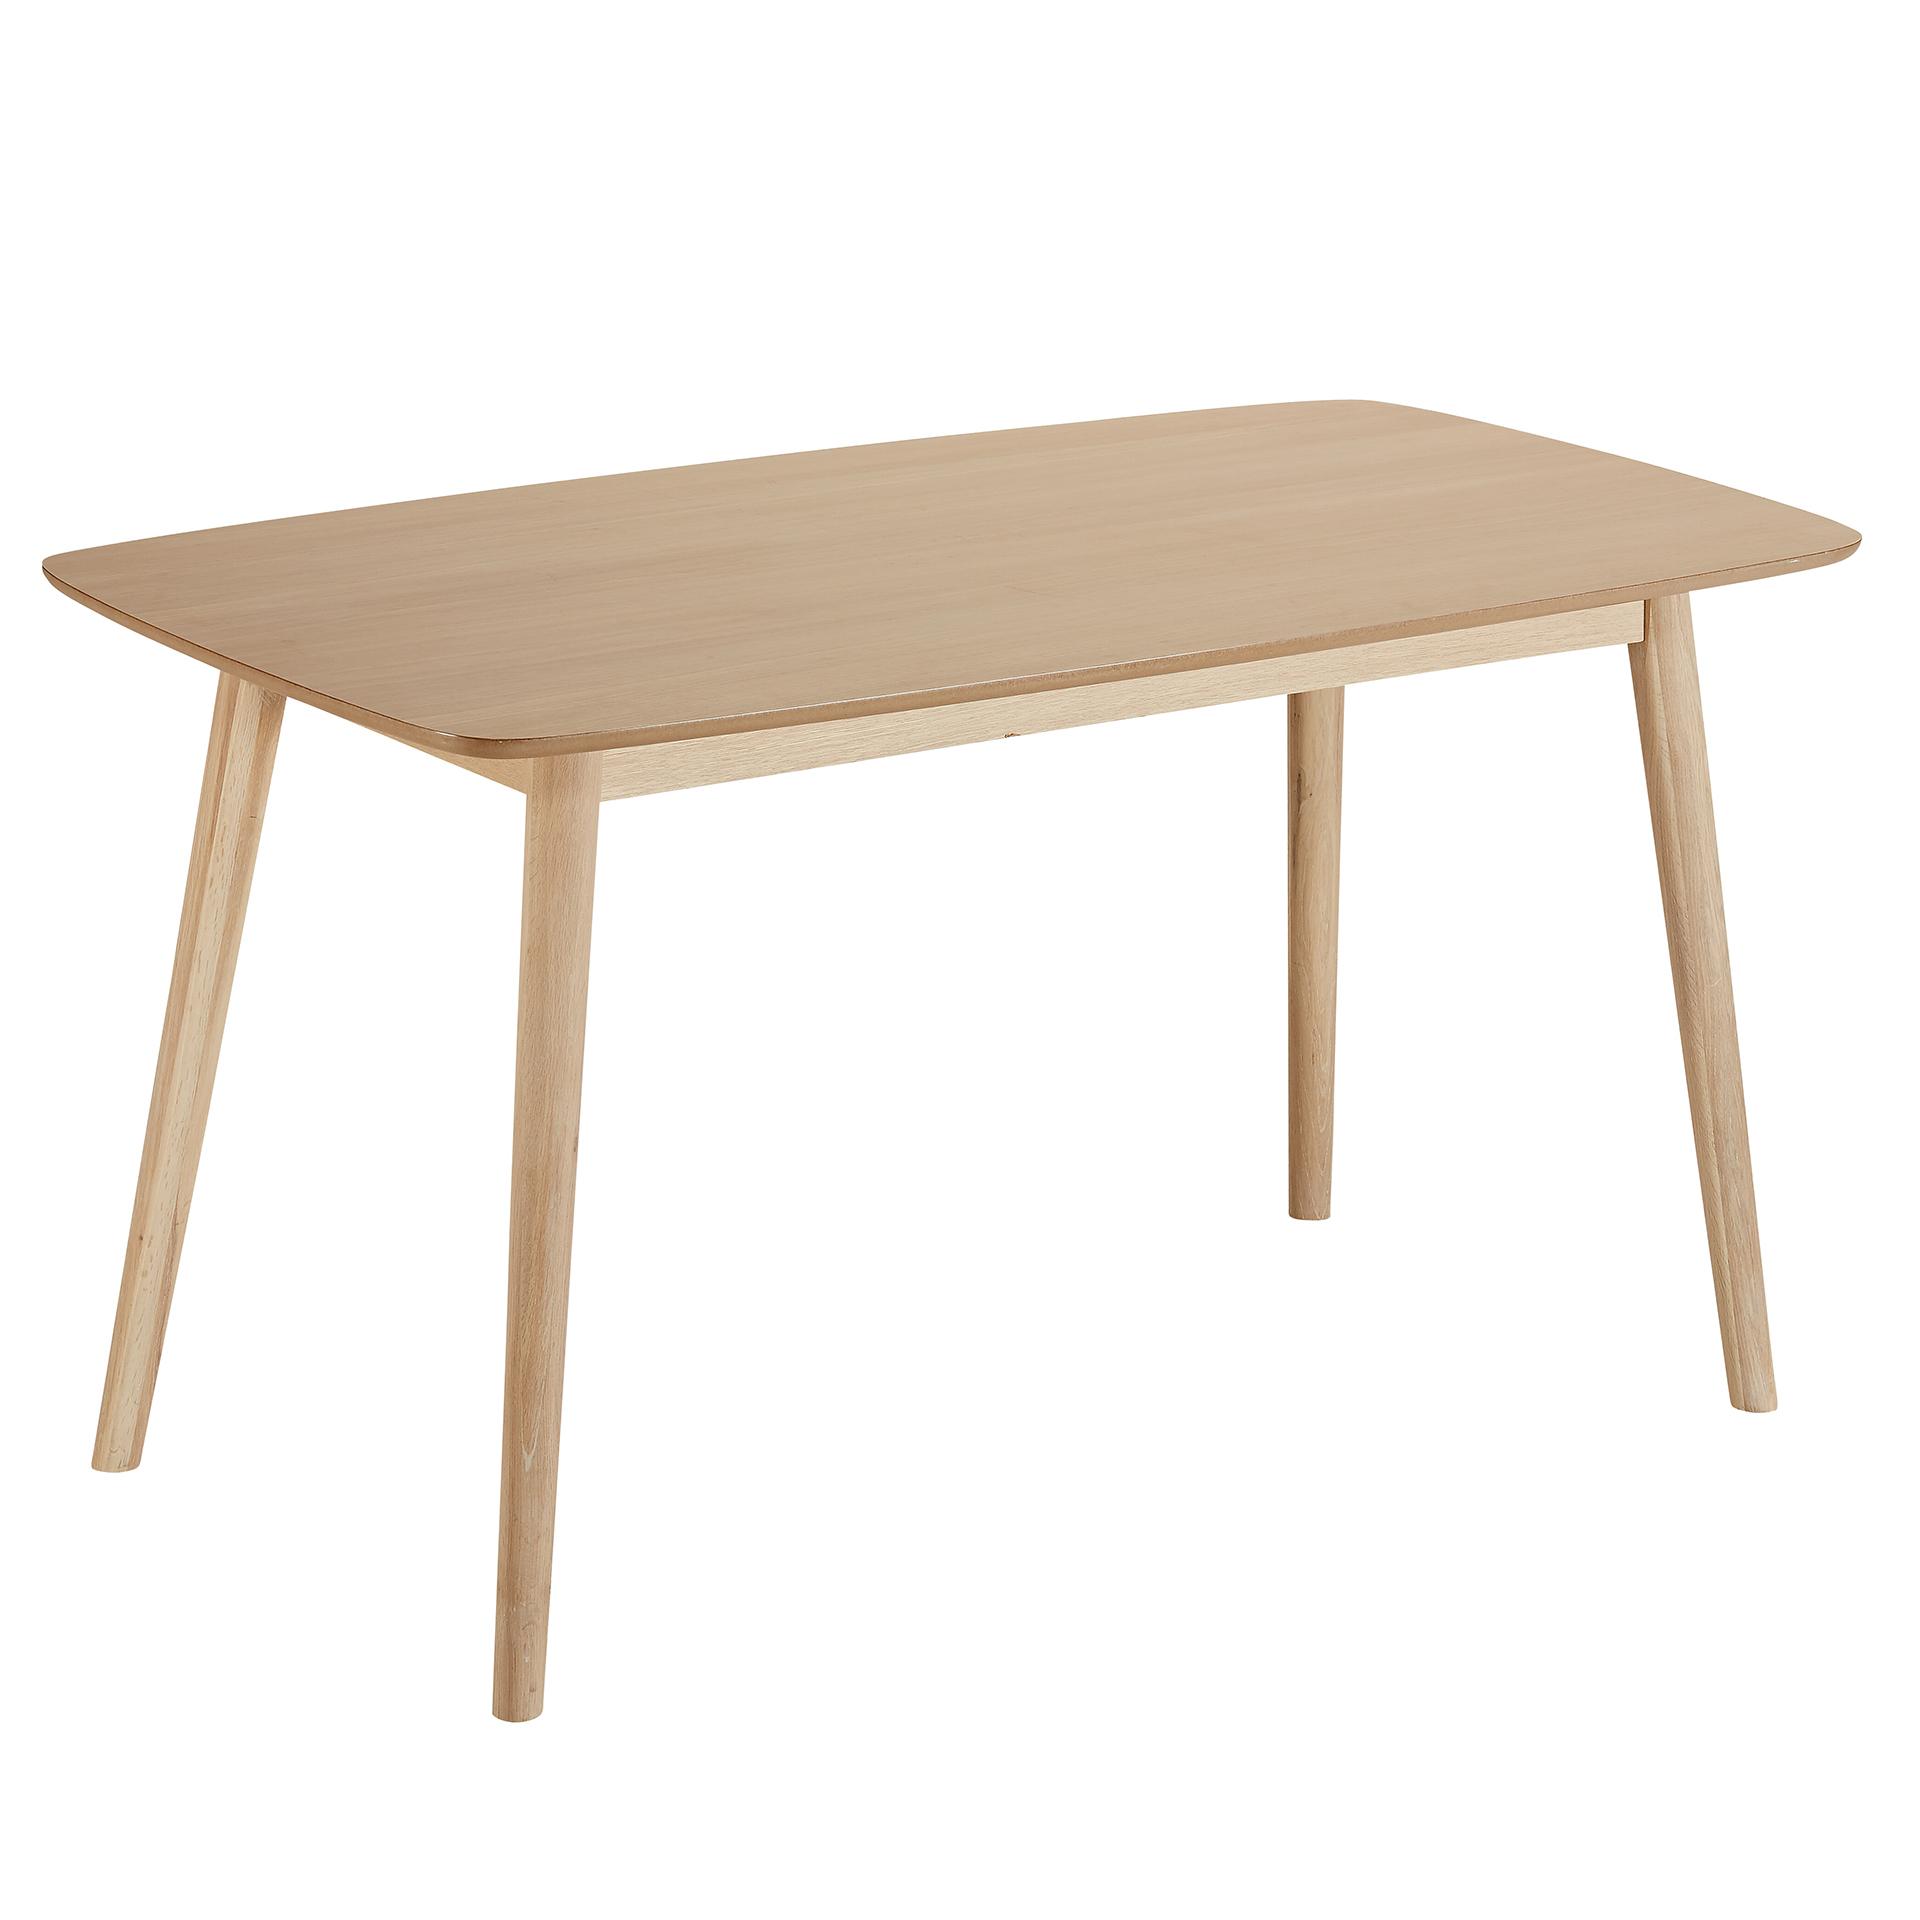 27 sparen esstisch nagano 150x80cm nur 219 95 cherry m bel d nisches bettenlager. Black Bedroom Furniture Sets. Home Design Ideas